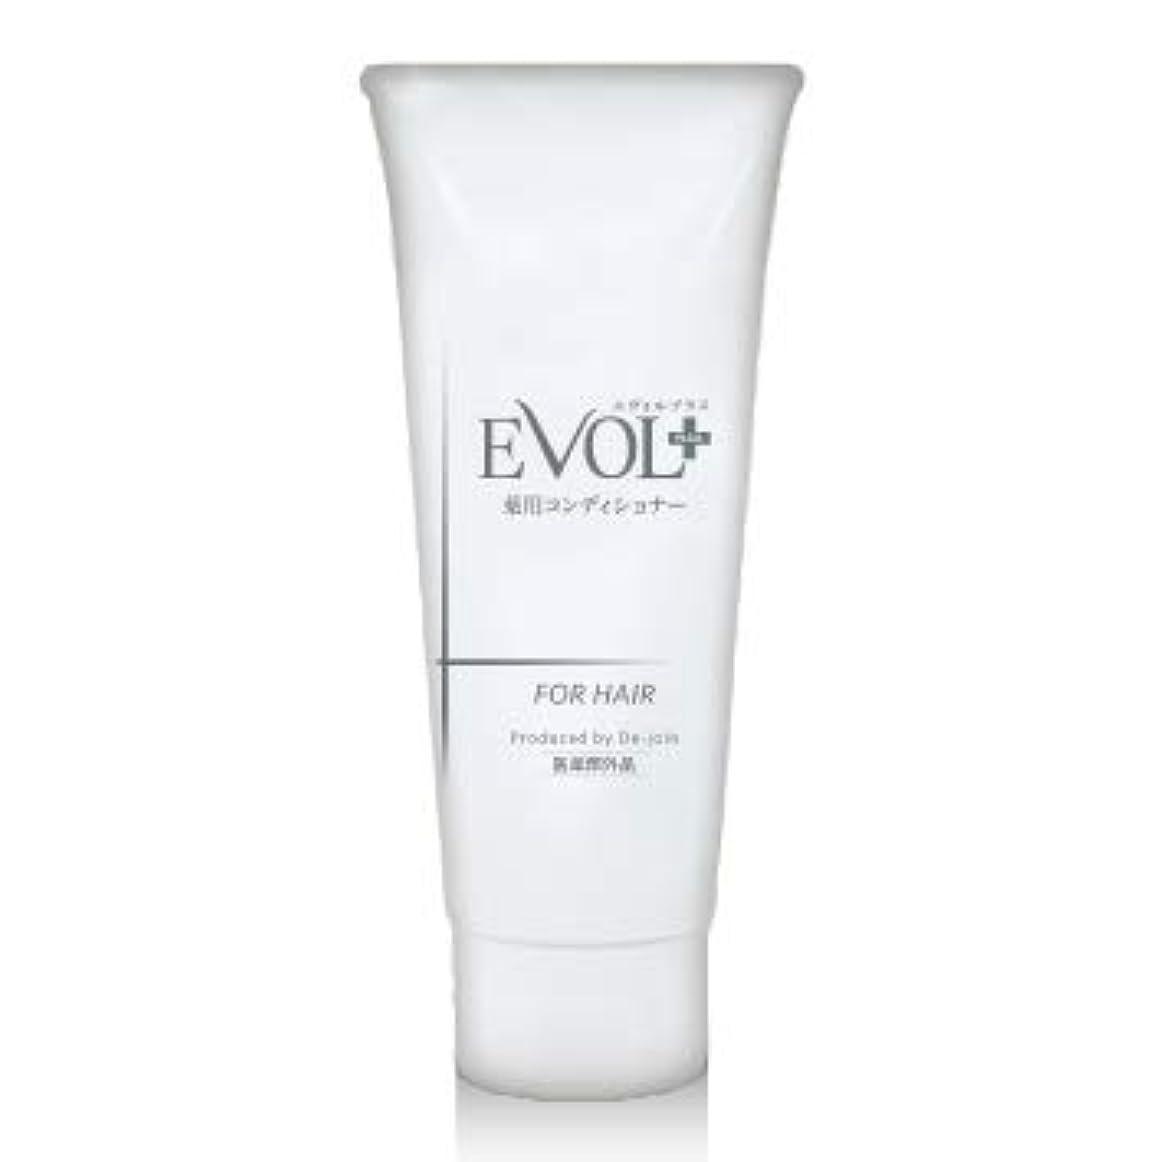 ステッチ勧めるくぼみEVOL+(エヴォルプラス)薬用育毛コンディショナー お得なコース